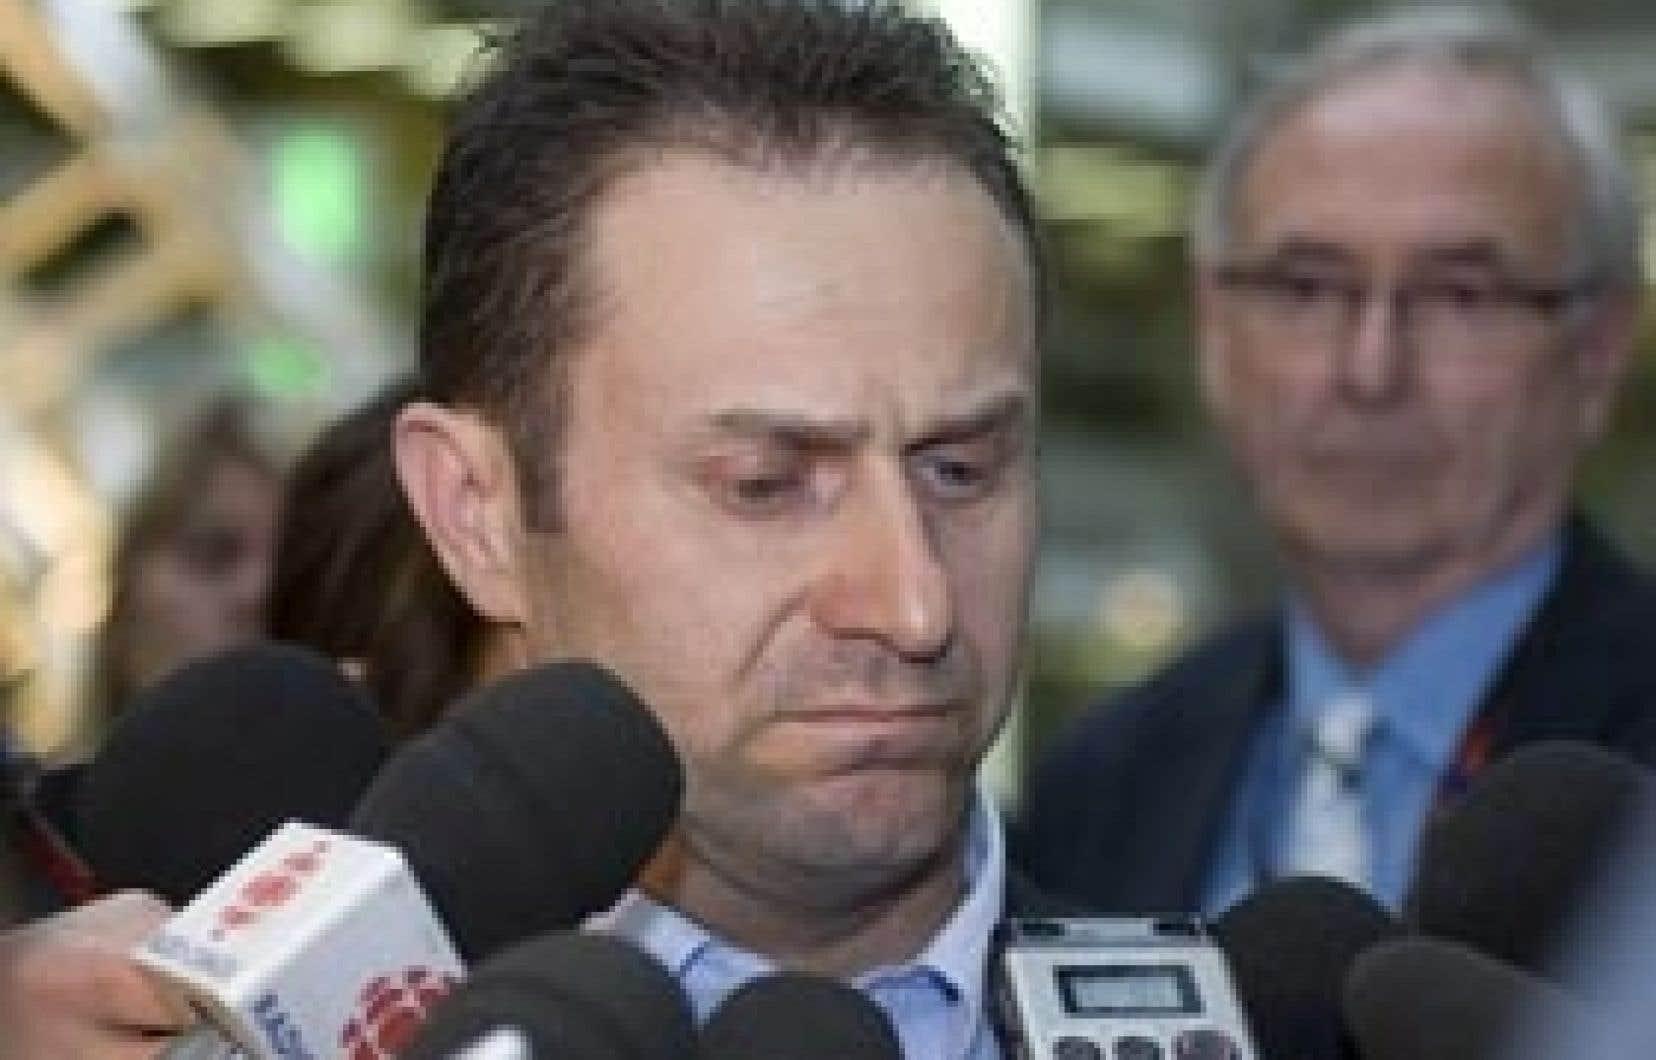 Daniel Casgrain, le mari de la victime, dit qu'il ne pourra jamais pardonner à Francis Proulx et à sa famille.